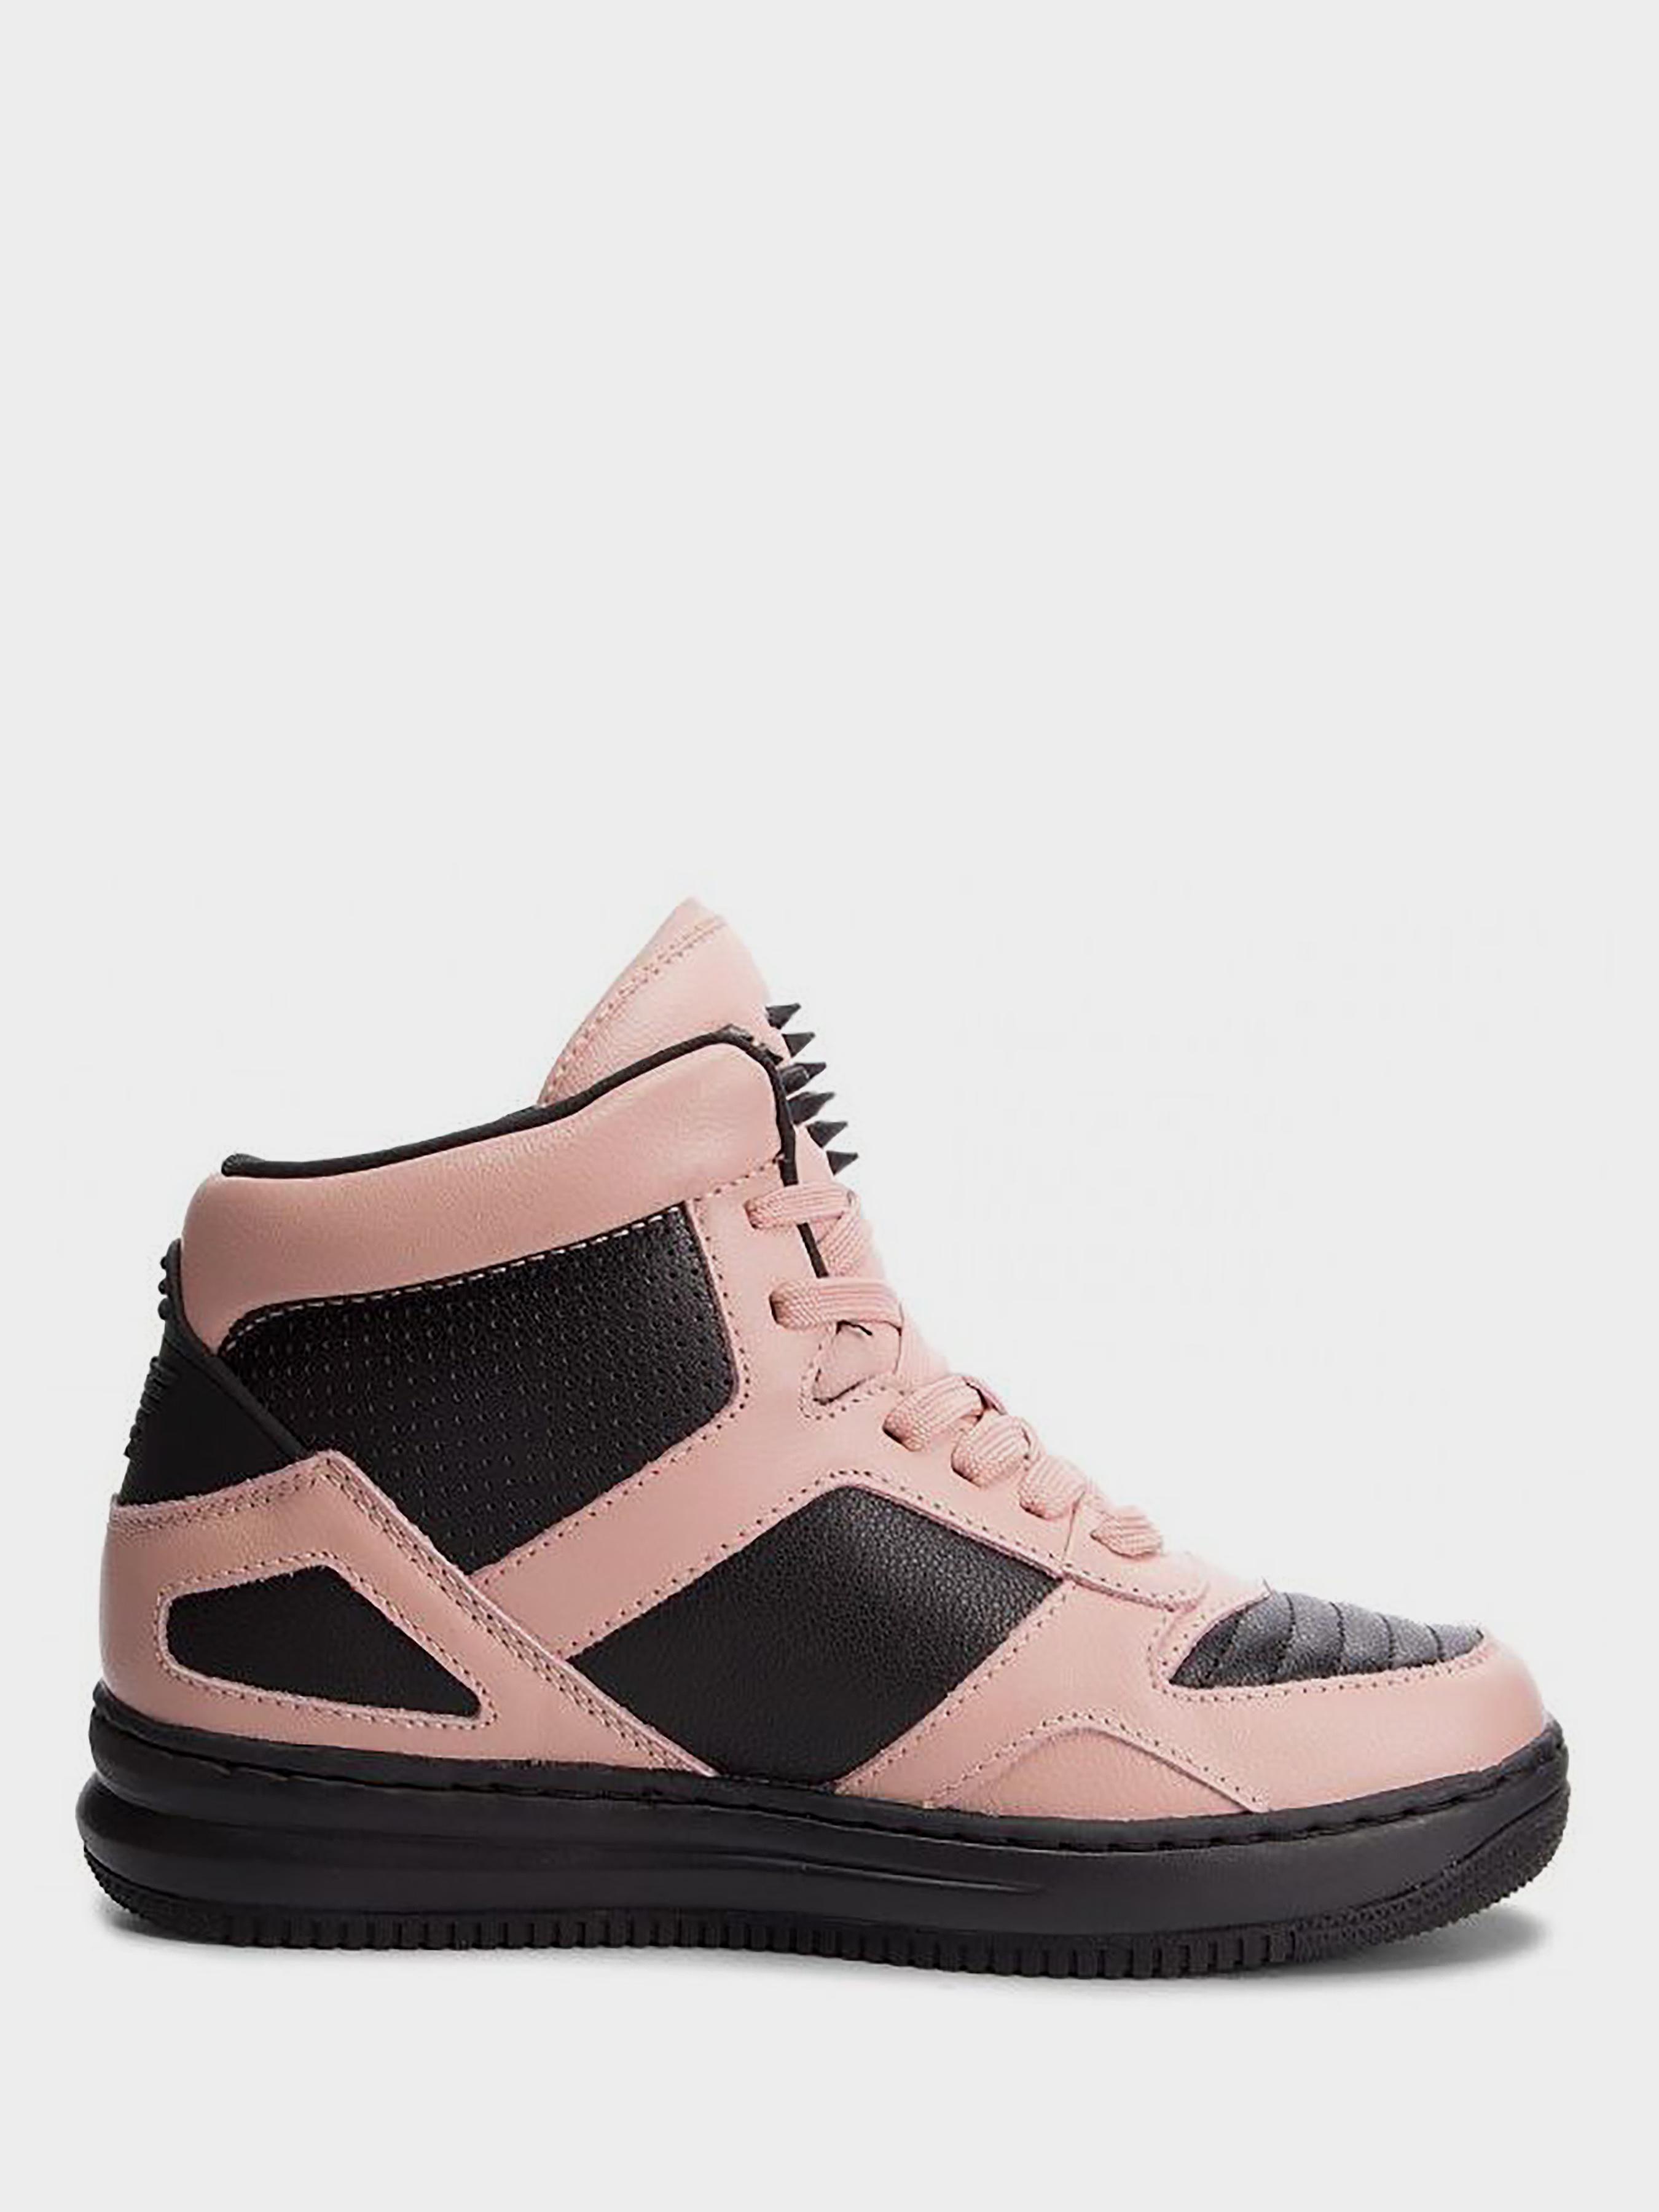 Купить Кроссовки для женщин Emporio Armani WOMAN LEATHER SNEAKER 5R104, Розовый